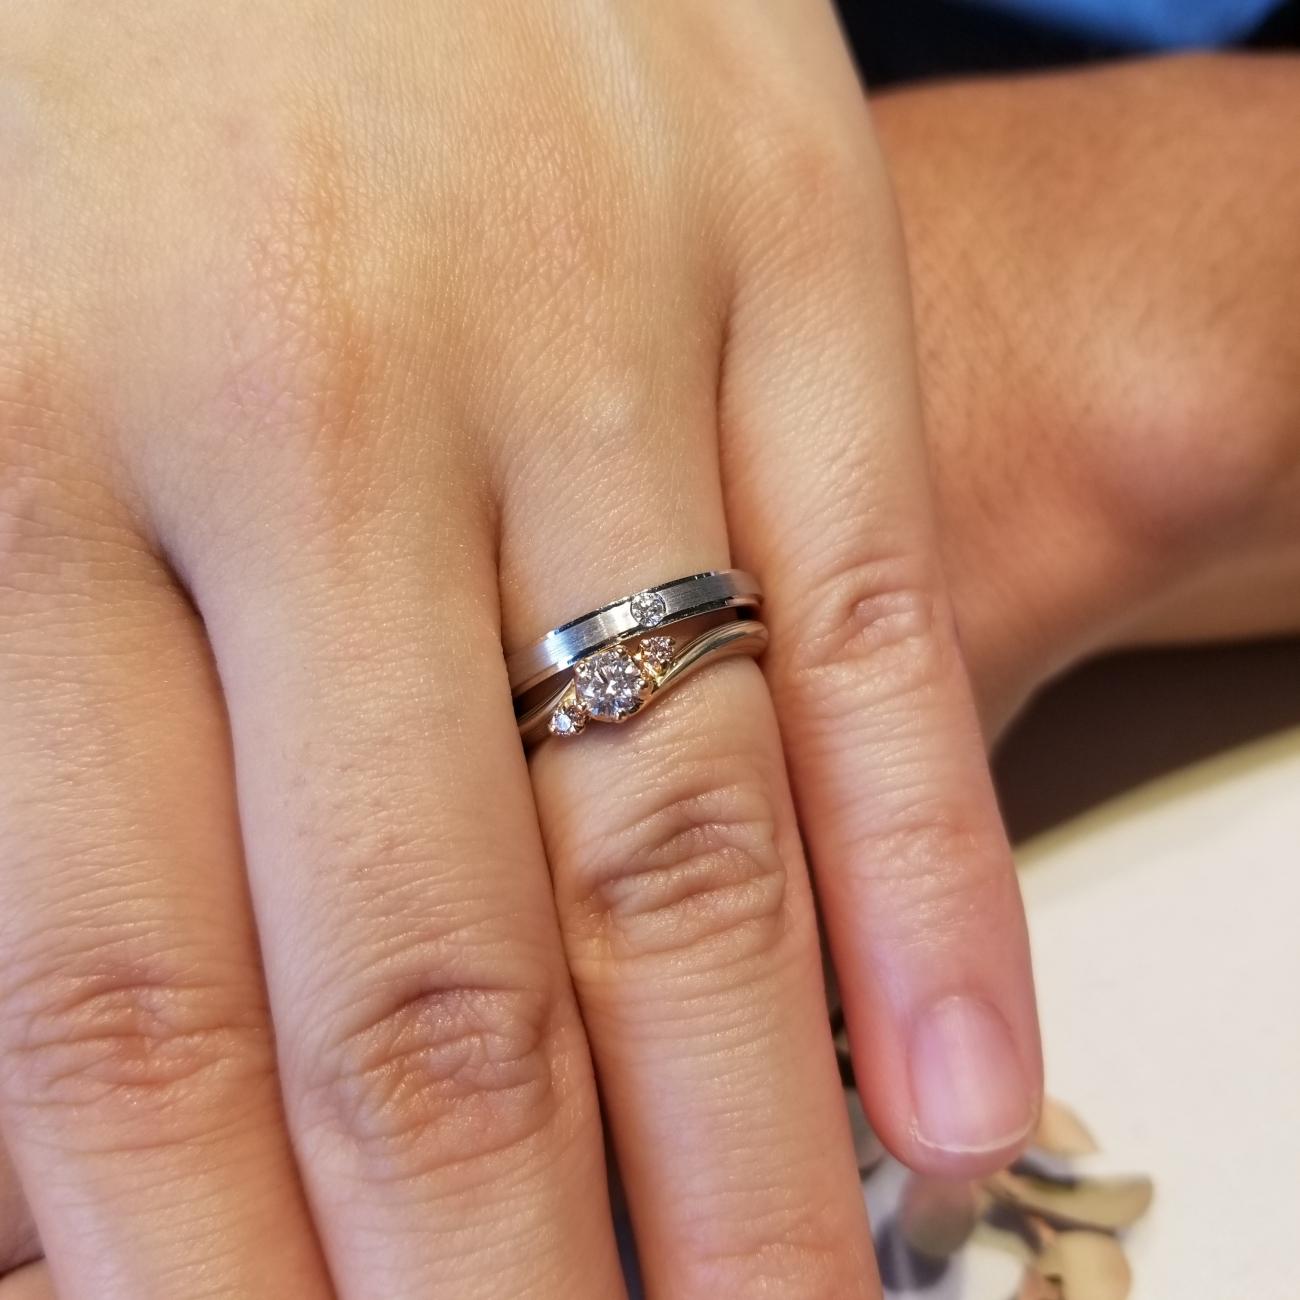 新潟結婚婚約マリッジエンゲージクリスチャンバウアードイツ鍛造マイスターBROOCHブローチ0273677-030290-003/0241622杢目金屋